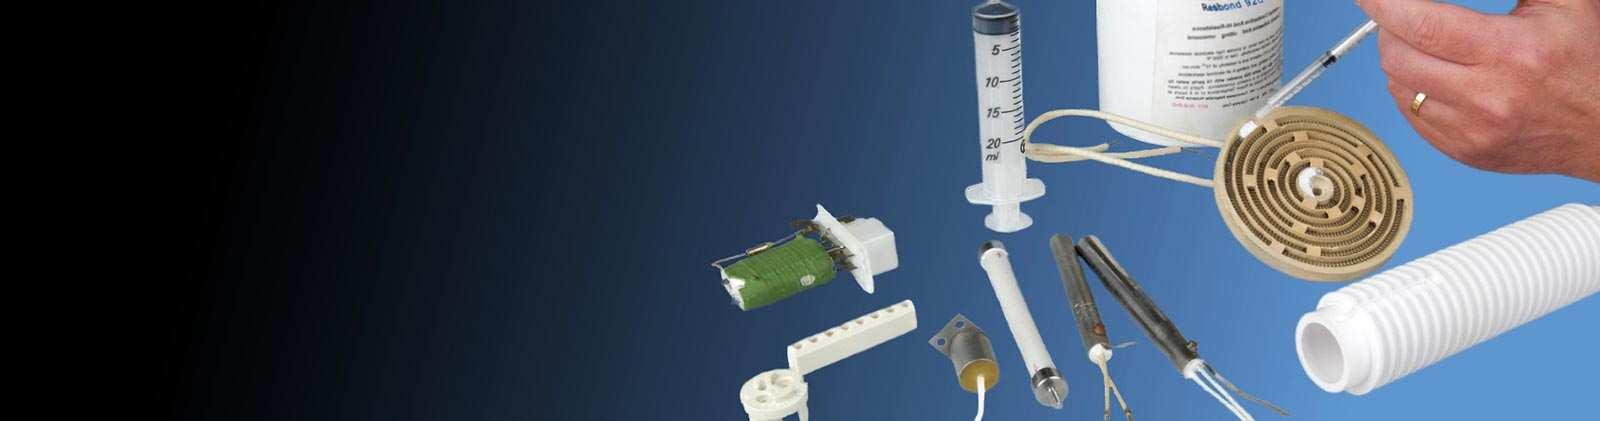 Unser Sortiment an Hochtemperaturklebstoffen für Anwendungen von 200°C bis über 2000°C.